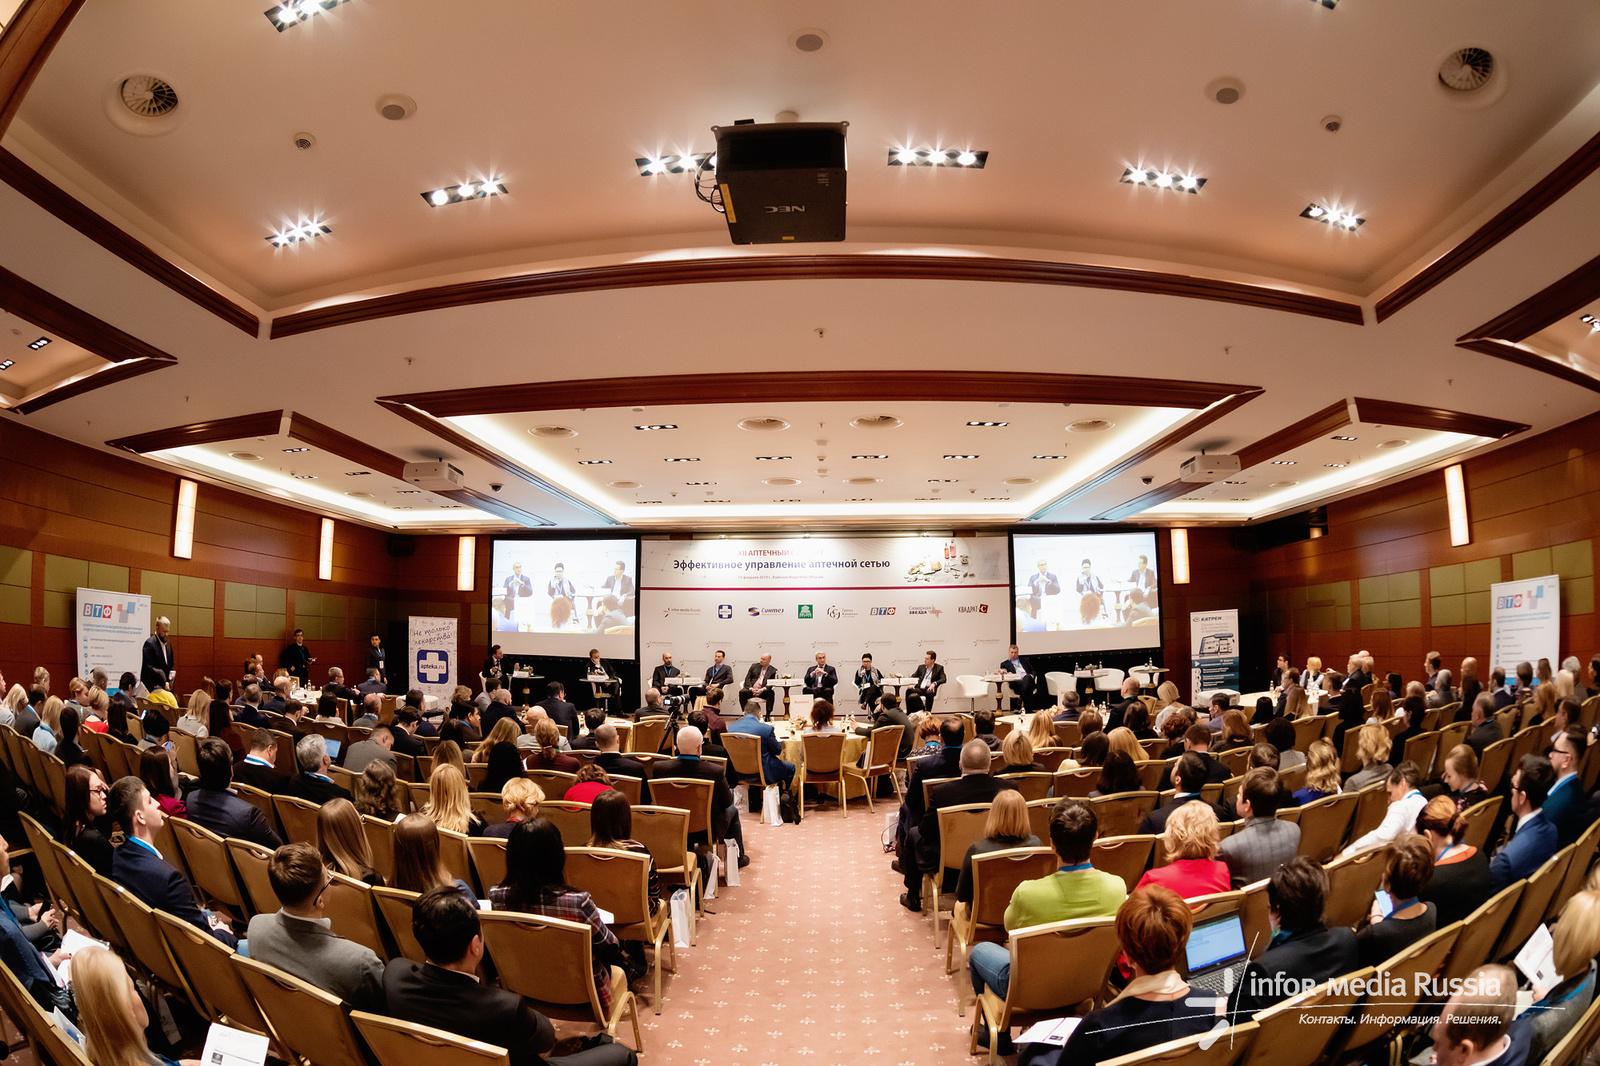 XII Аптечный саммит «Эффективное управление аптечной сетью». Пост-релиз